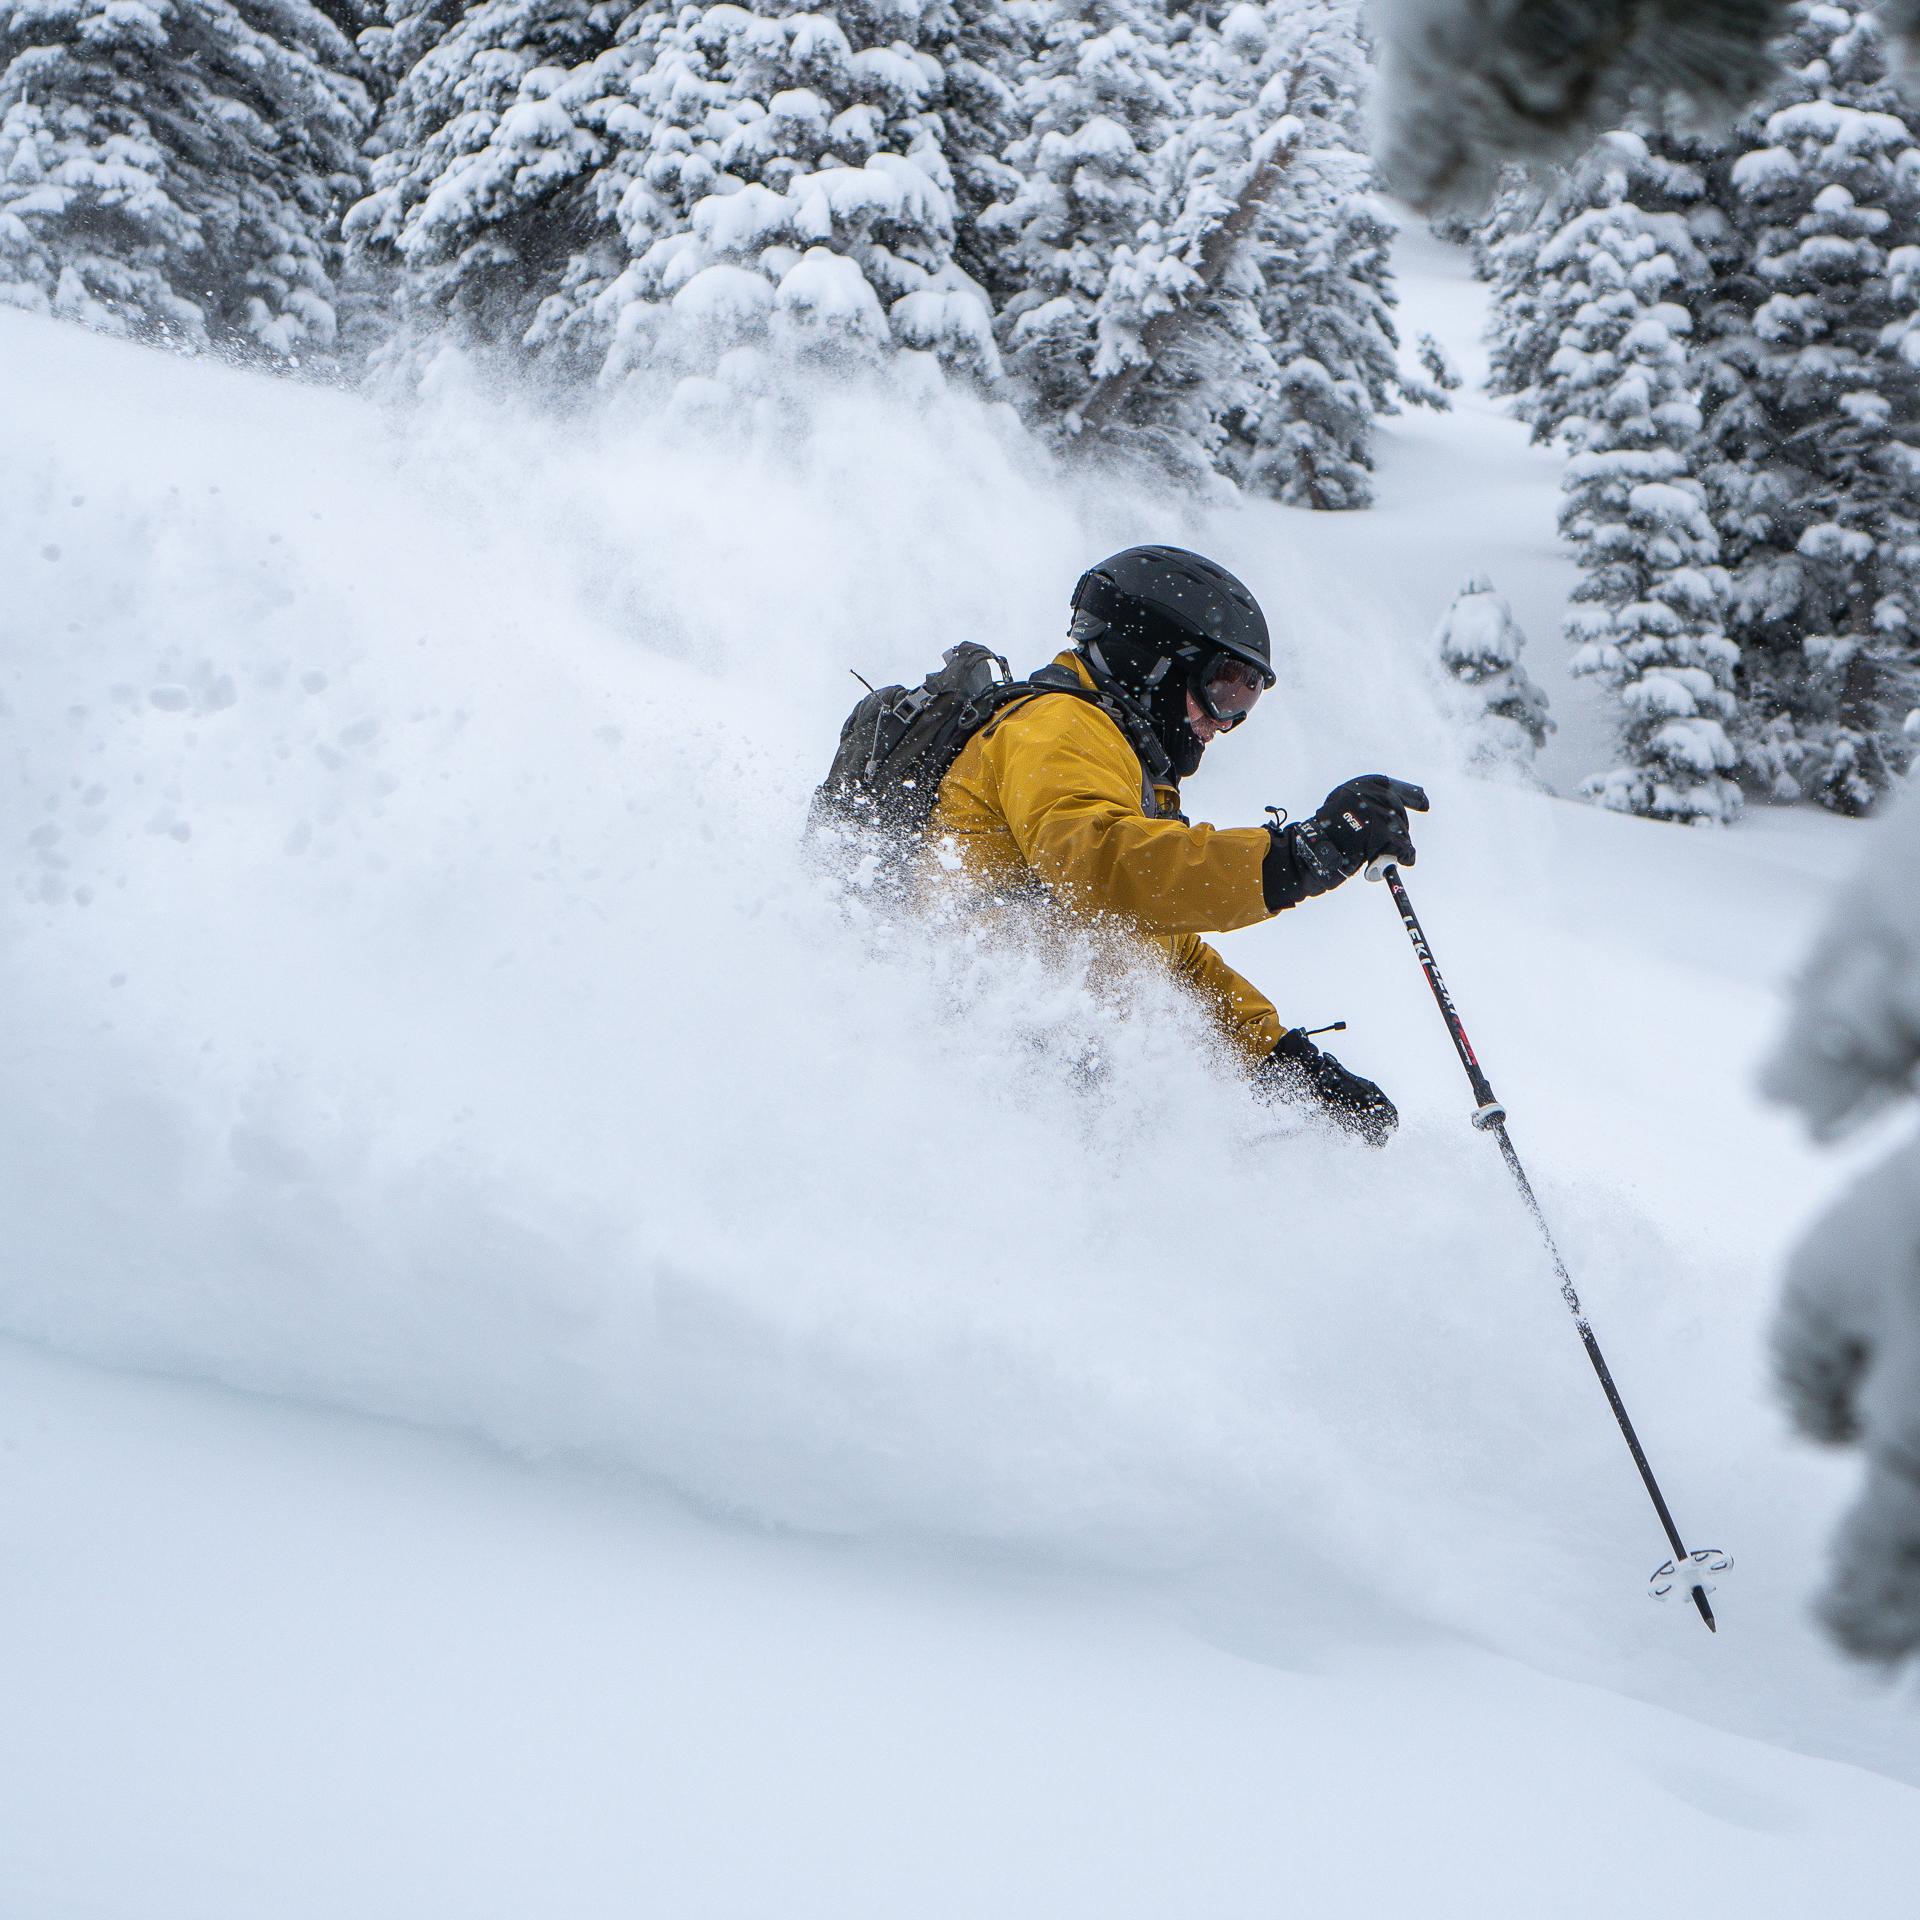 WinterSkiing-01-6.jpg